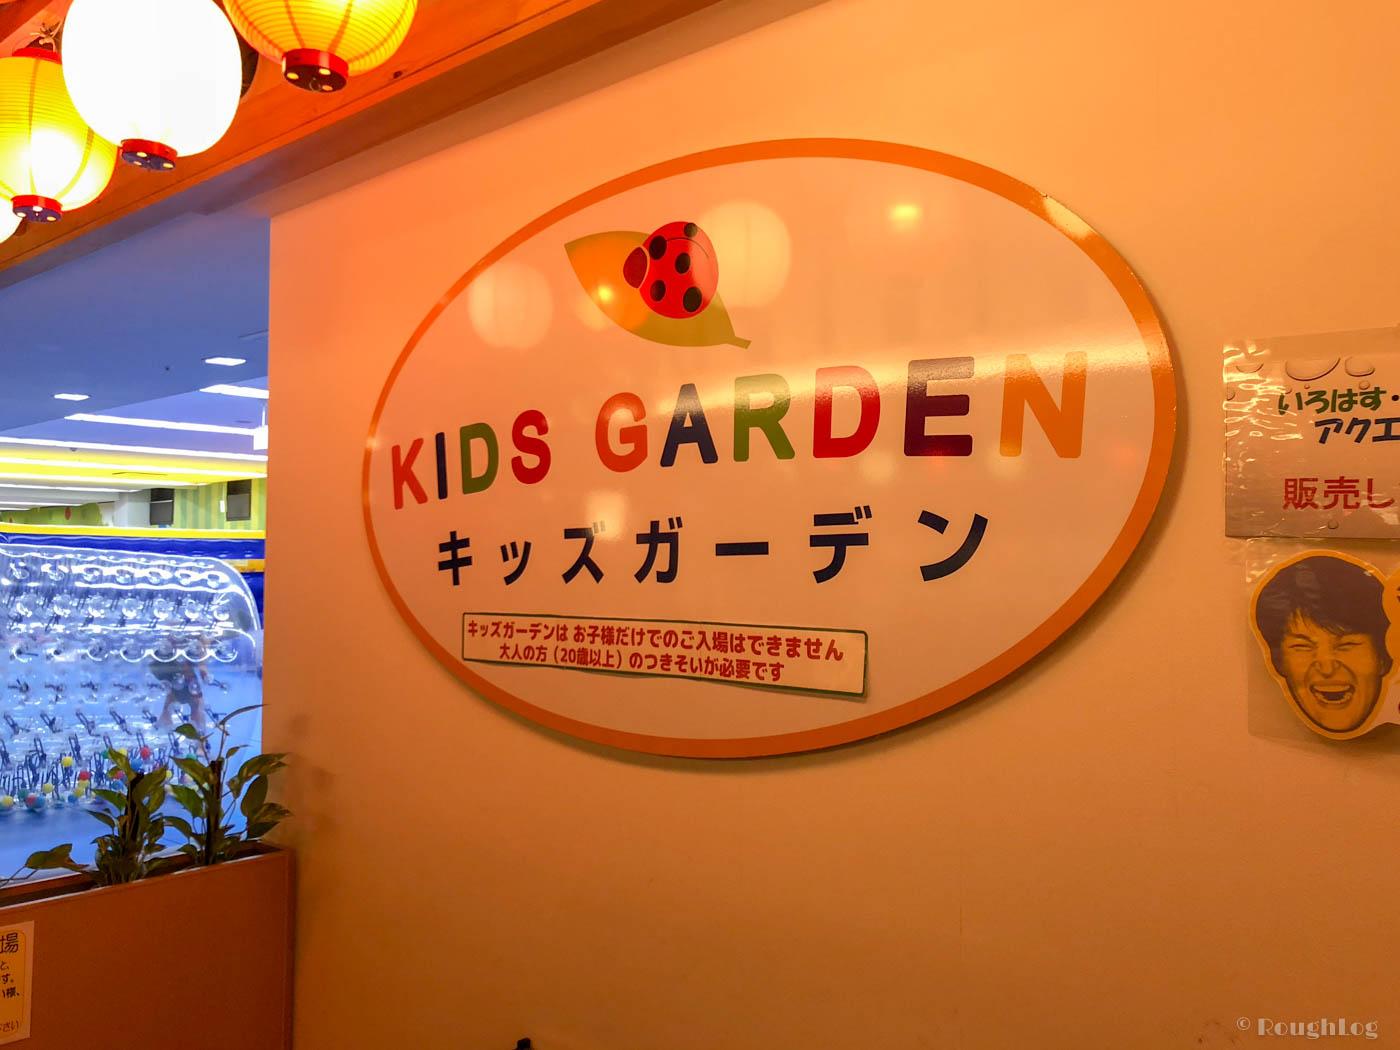 龍宮城スパホテル三日月のキッズガーデン